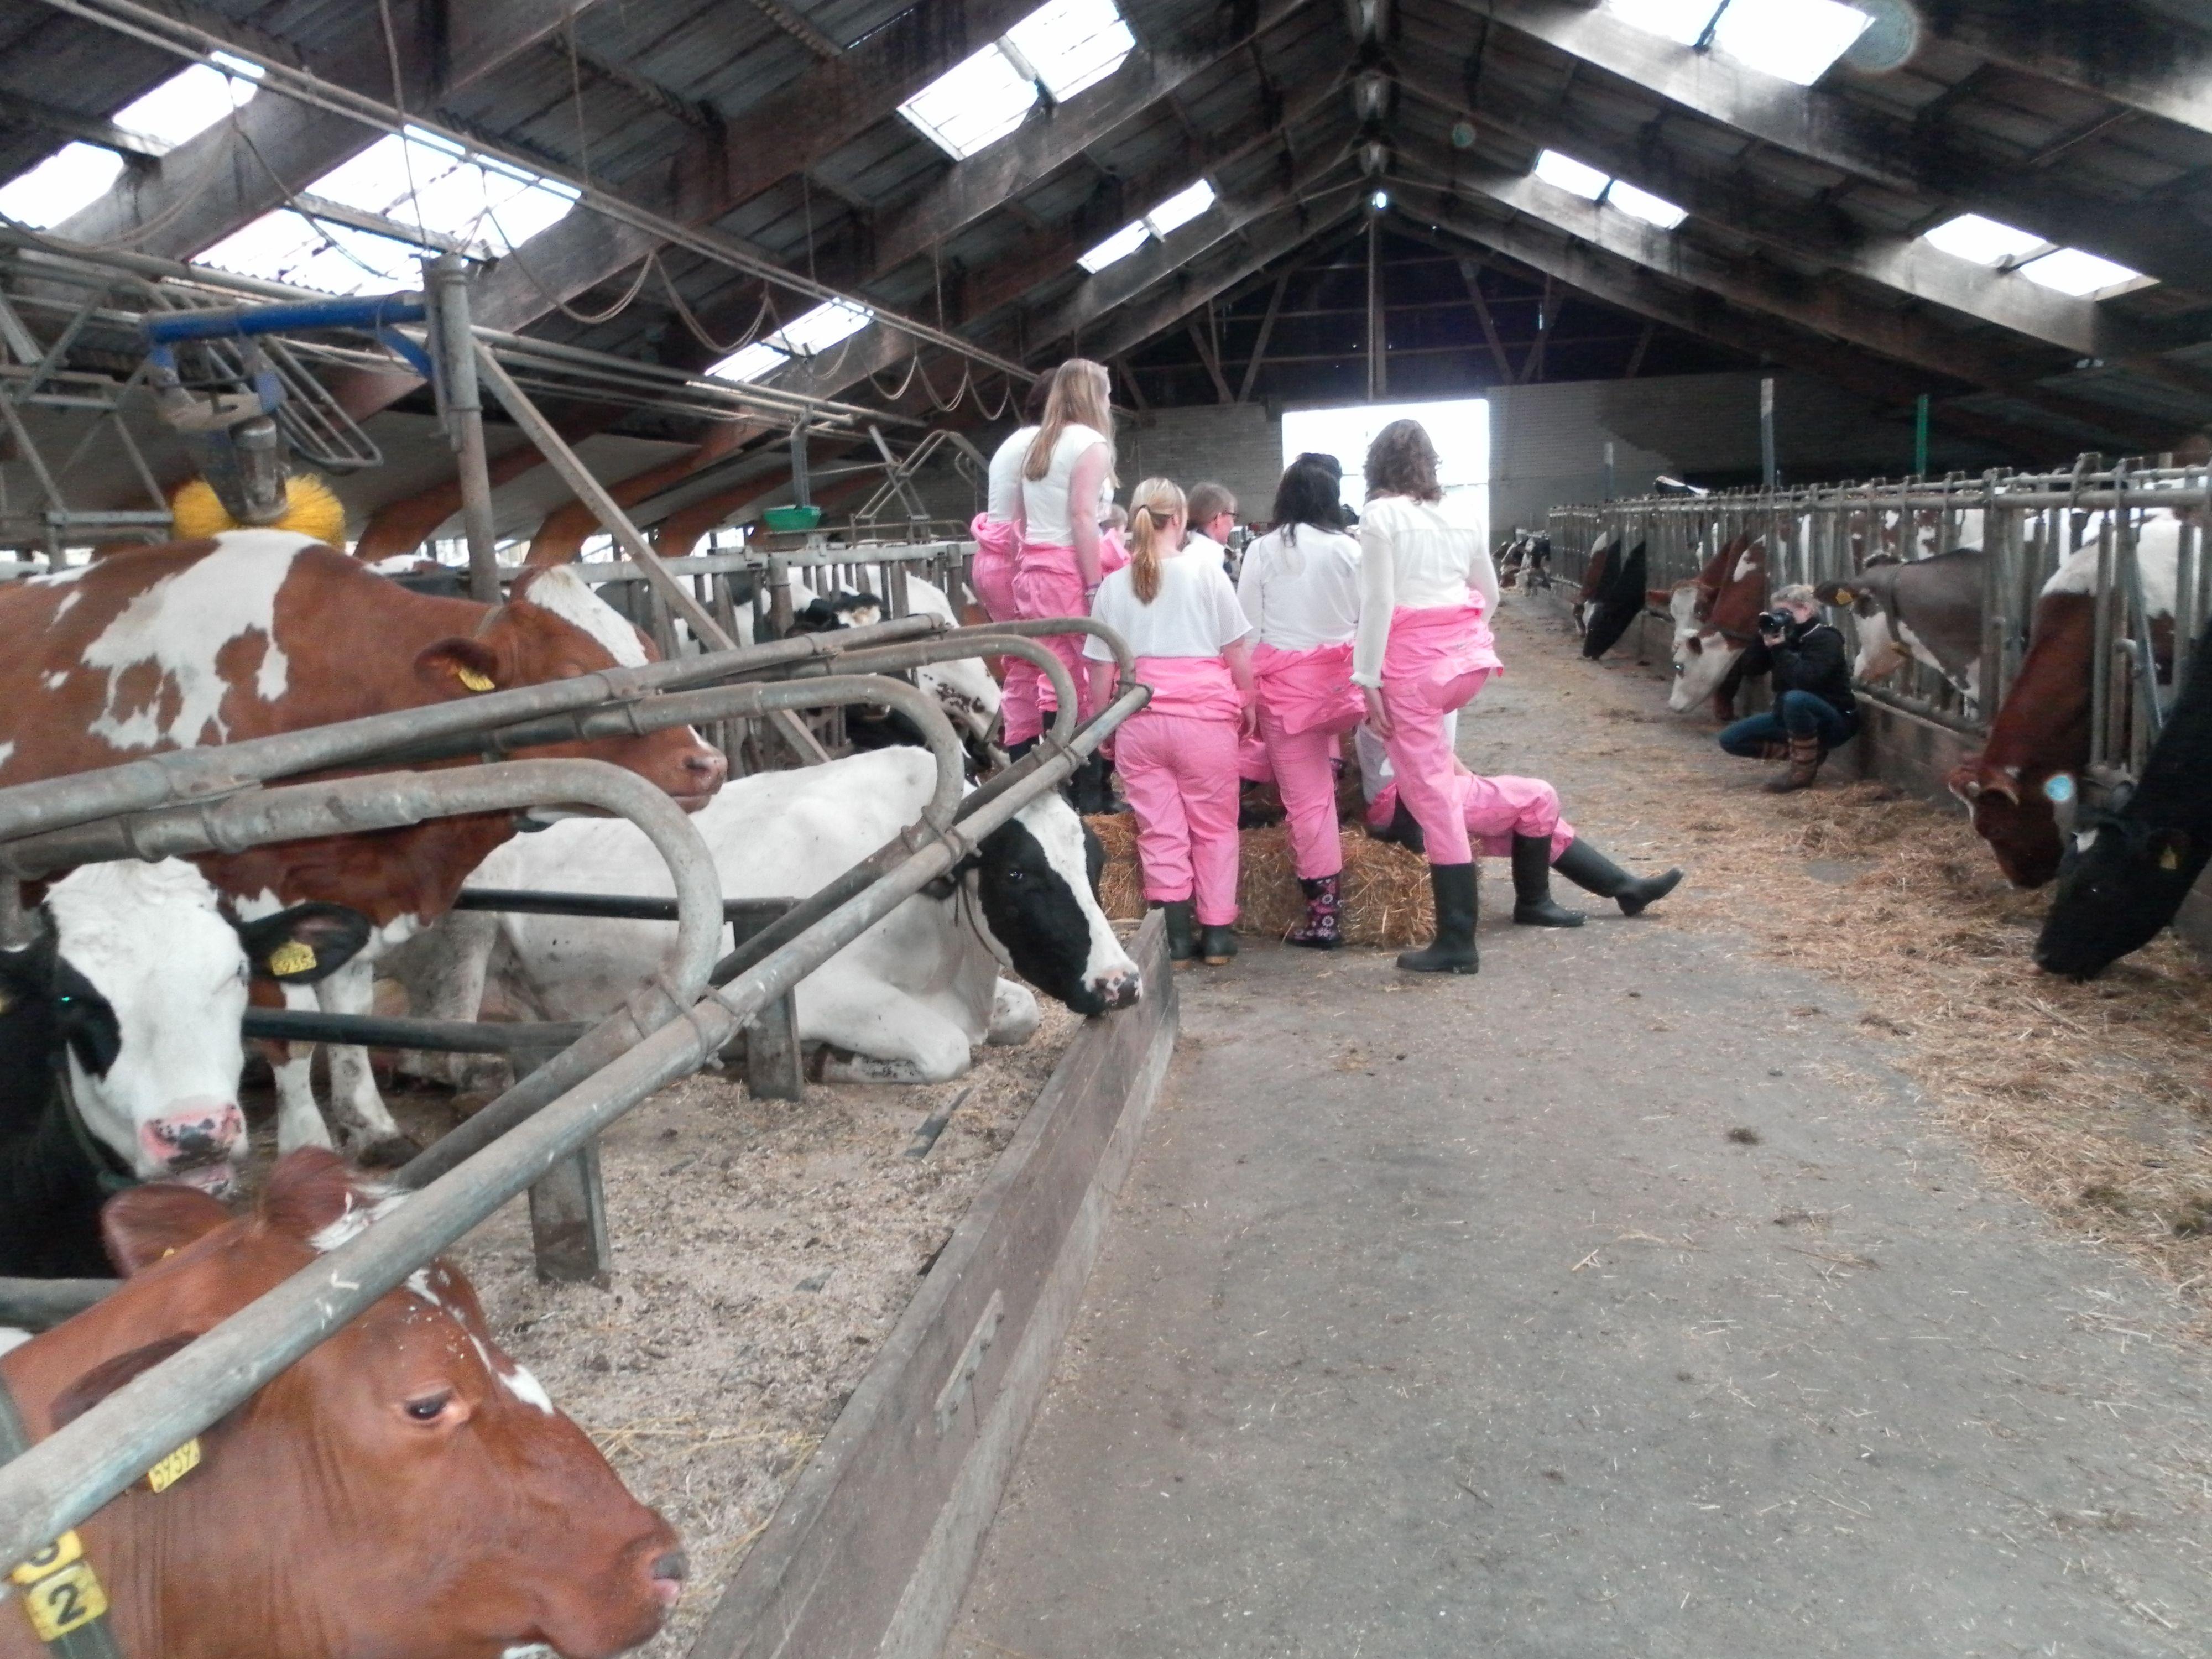 Vriendinnen uitje! Fotoshoot bij de Twentse Boerin. De koeien kijken nieuwsgierig toe en staan graag model.